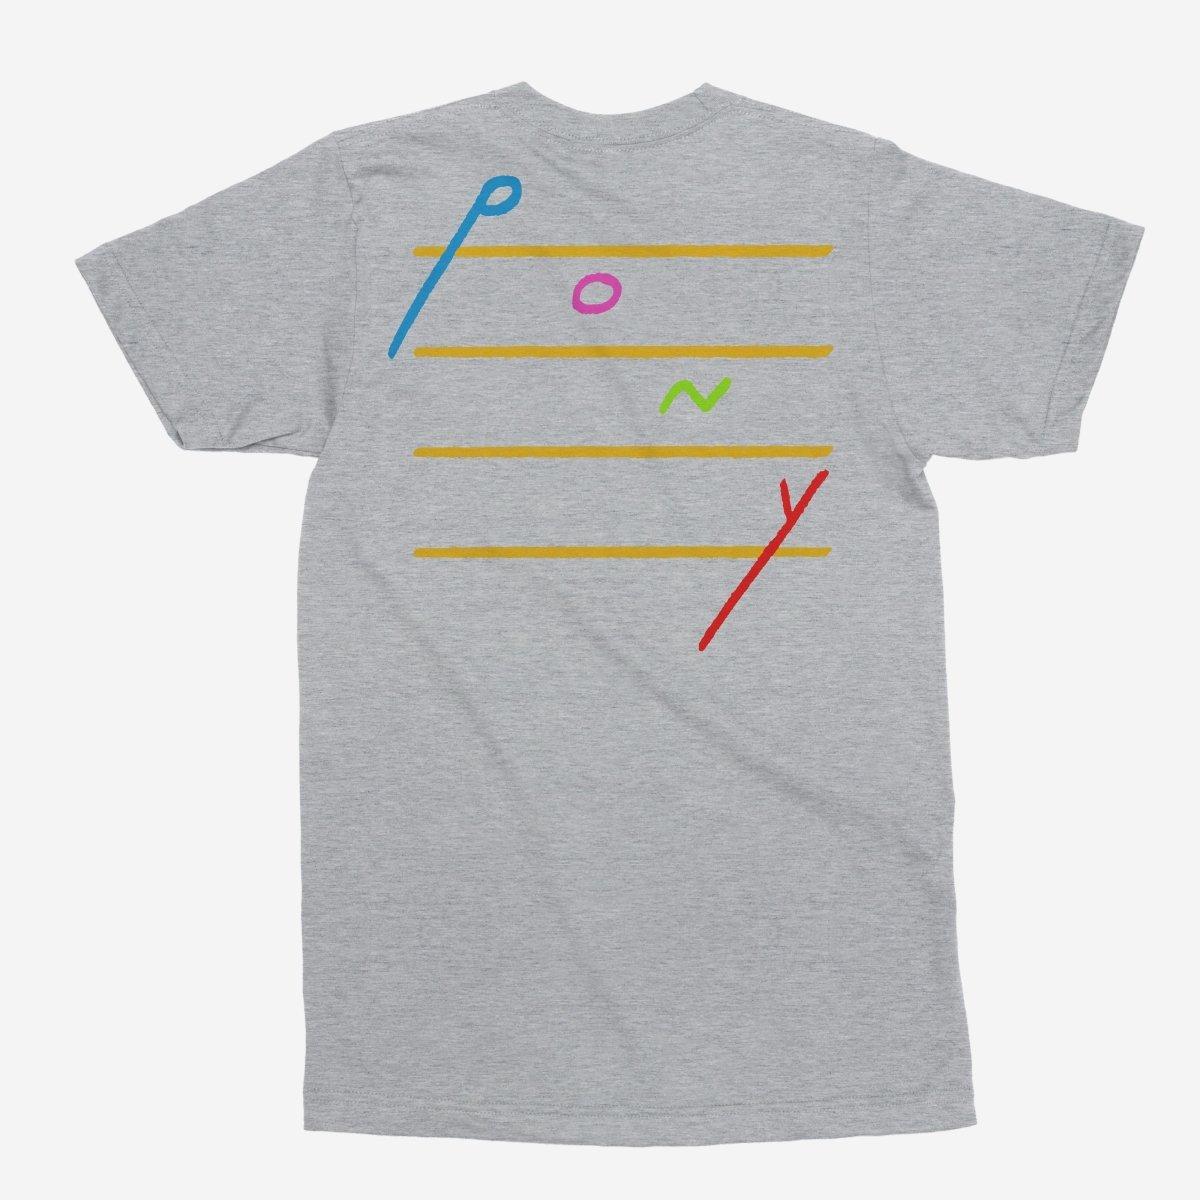 Rex Orange County - Pony Cascading Notes Unisex T-Shirt